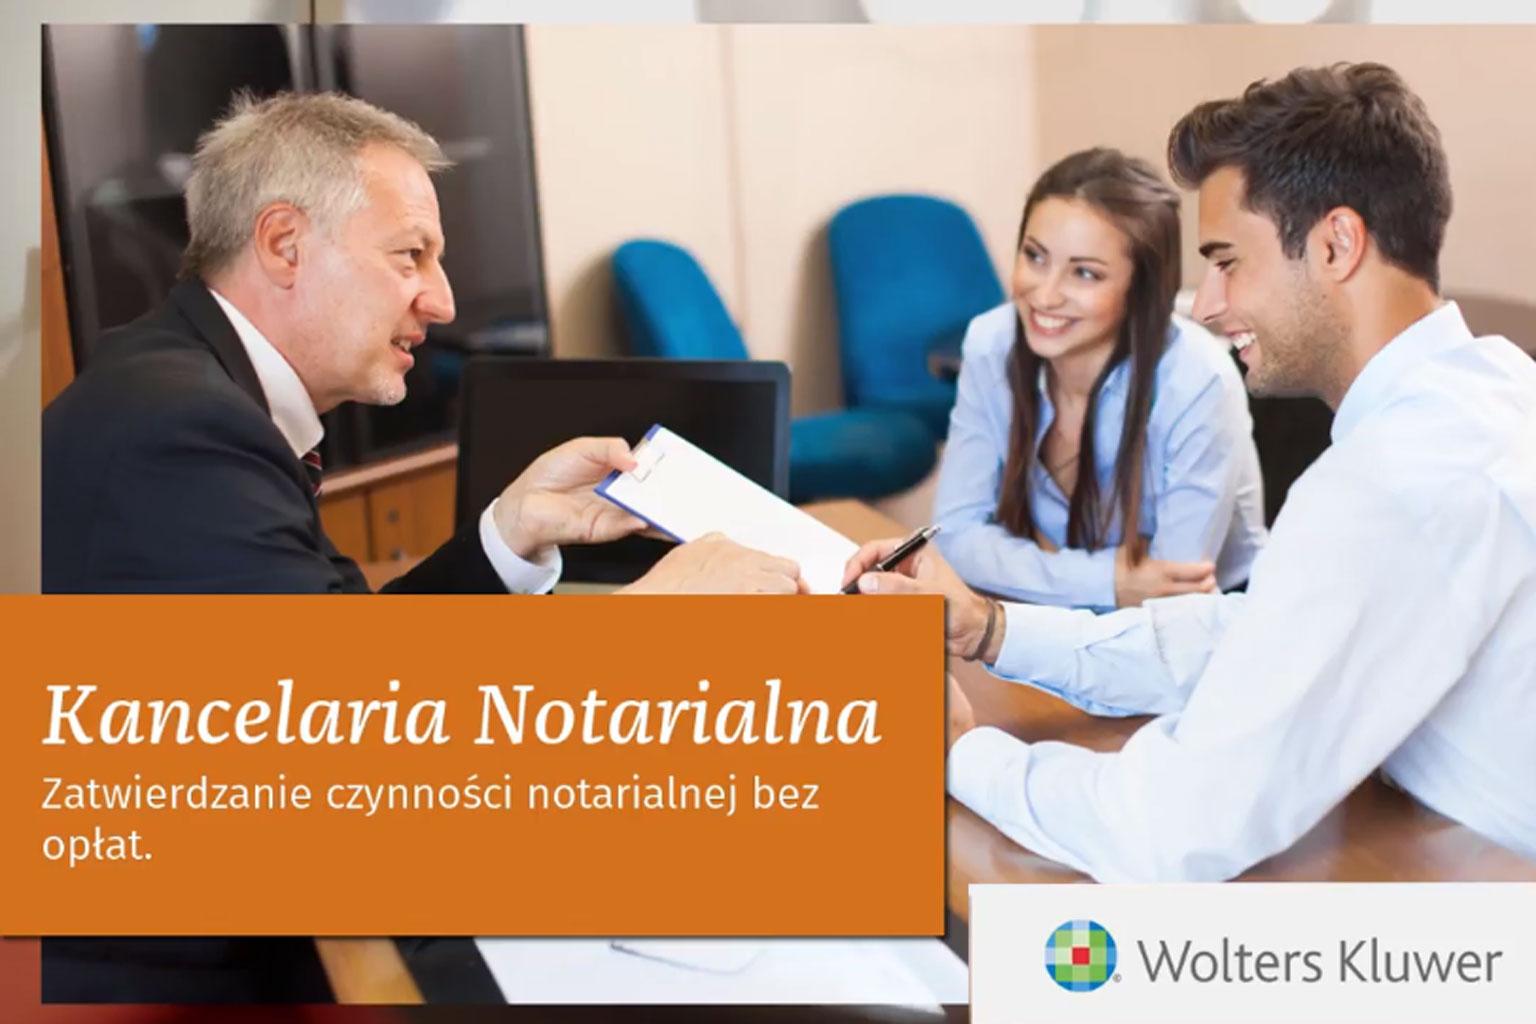 Zatwierdzanie czynności notarialnej bez opłat